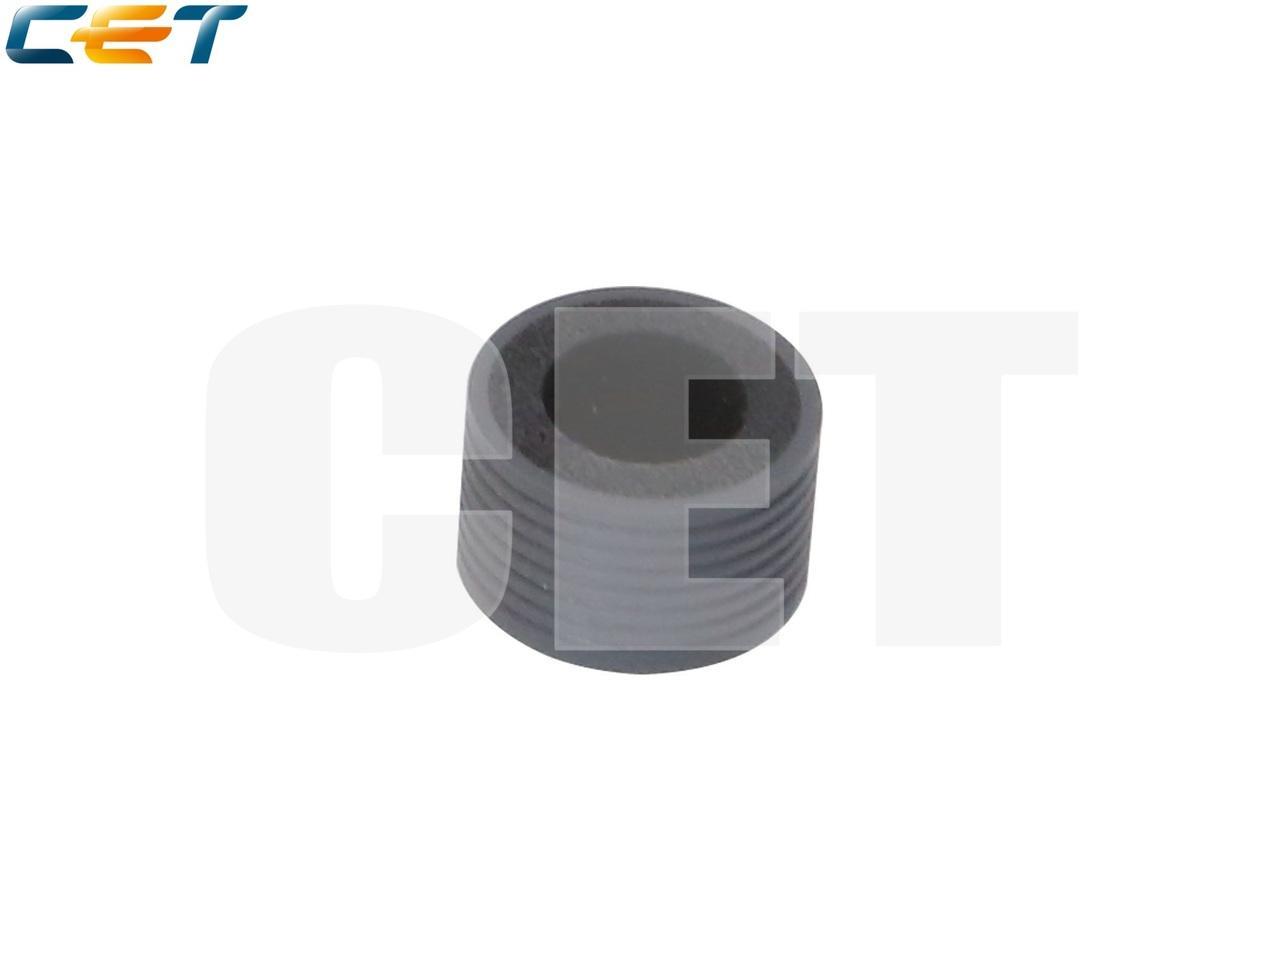 Резинка ролика отделения PA03576-K010 для FUJITSUfi-6670/6770 (CET), CET341011